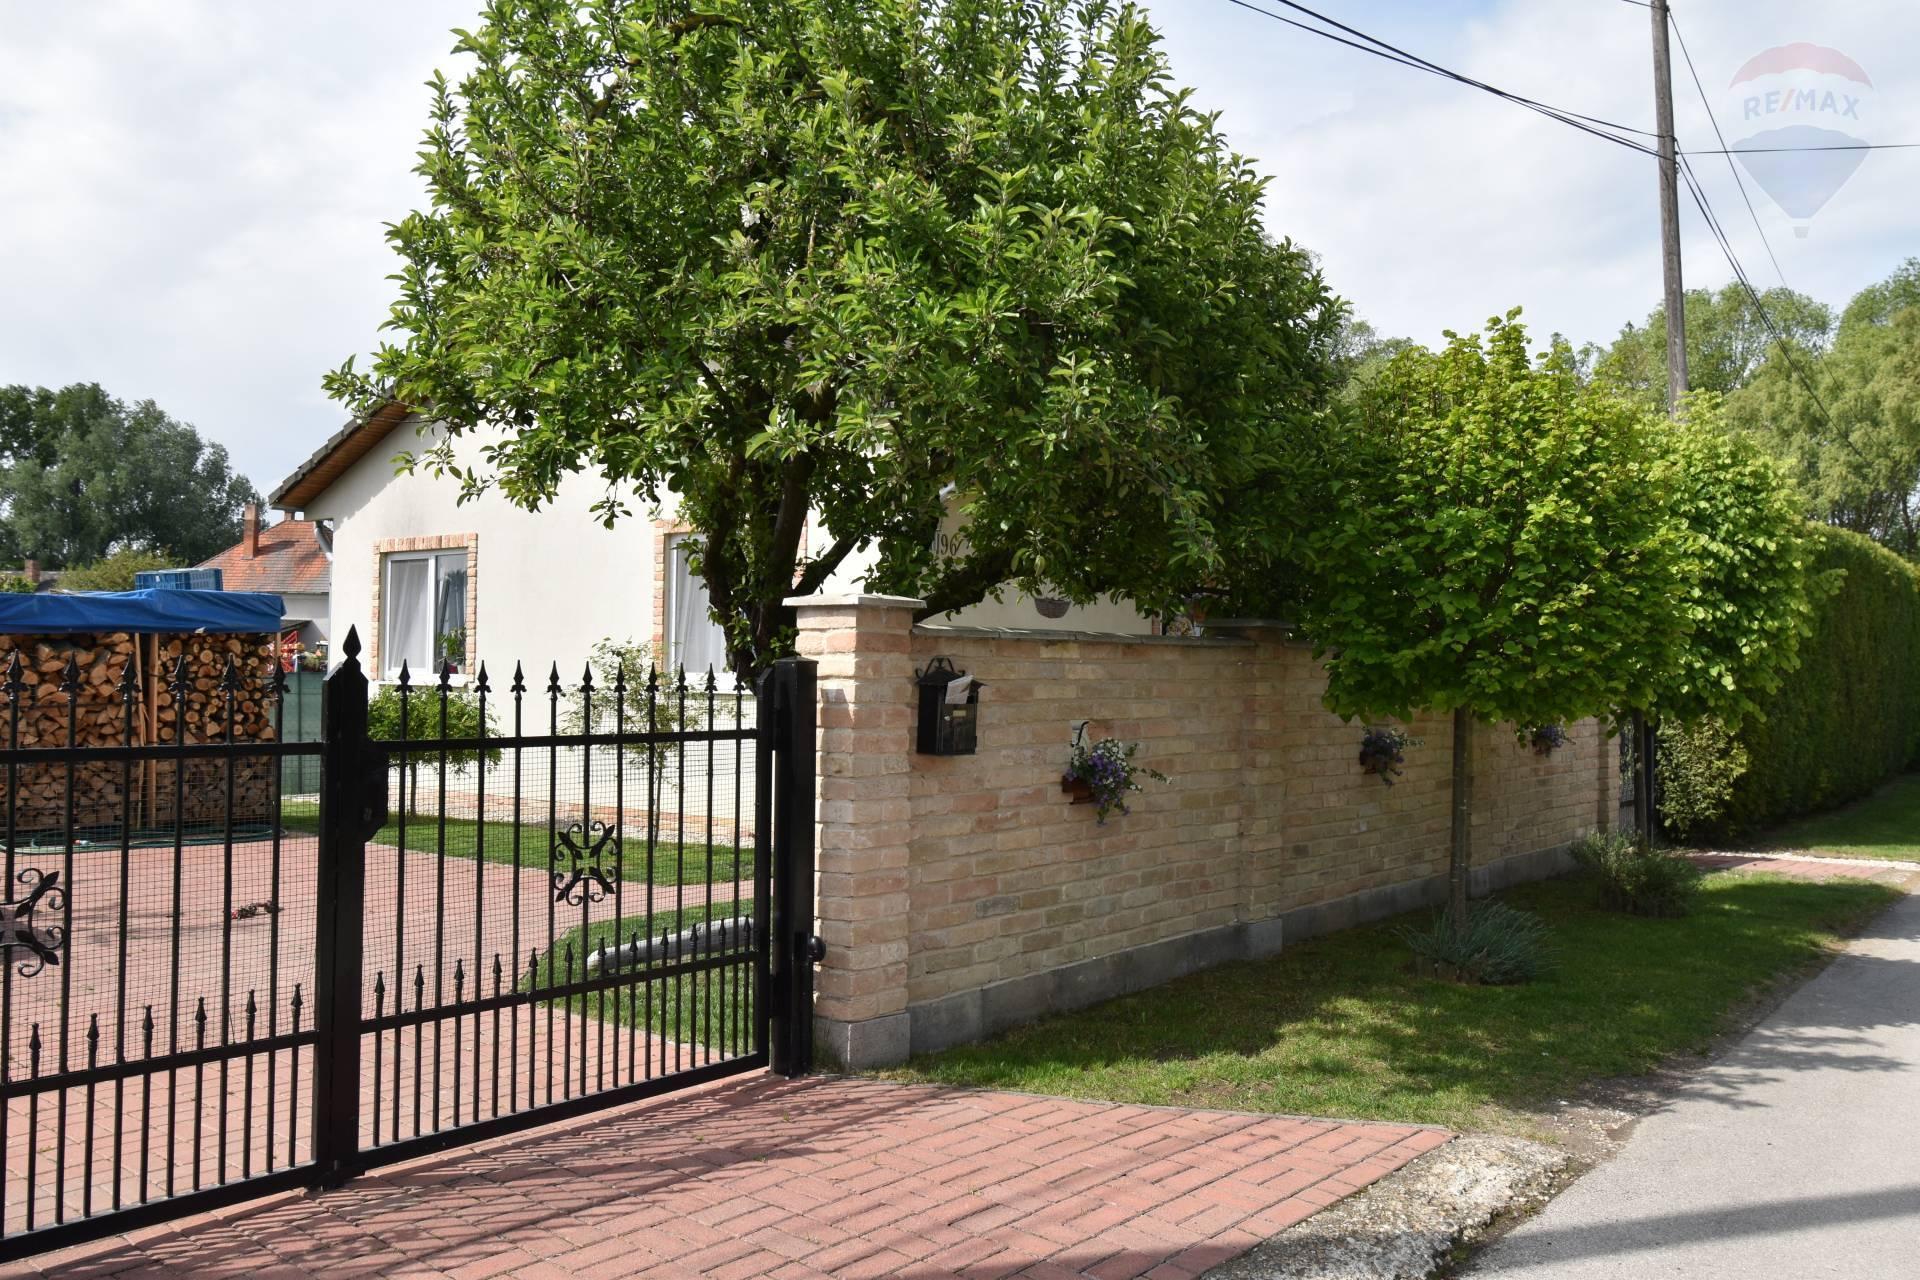 Predaj: 3 izbový rodinný dom, Ňárad, 3 izby, pozemok 748 m2, terasa